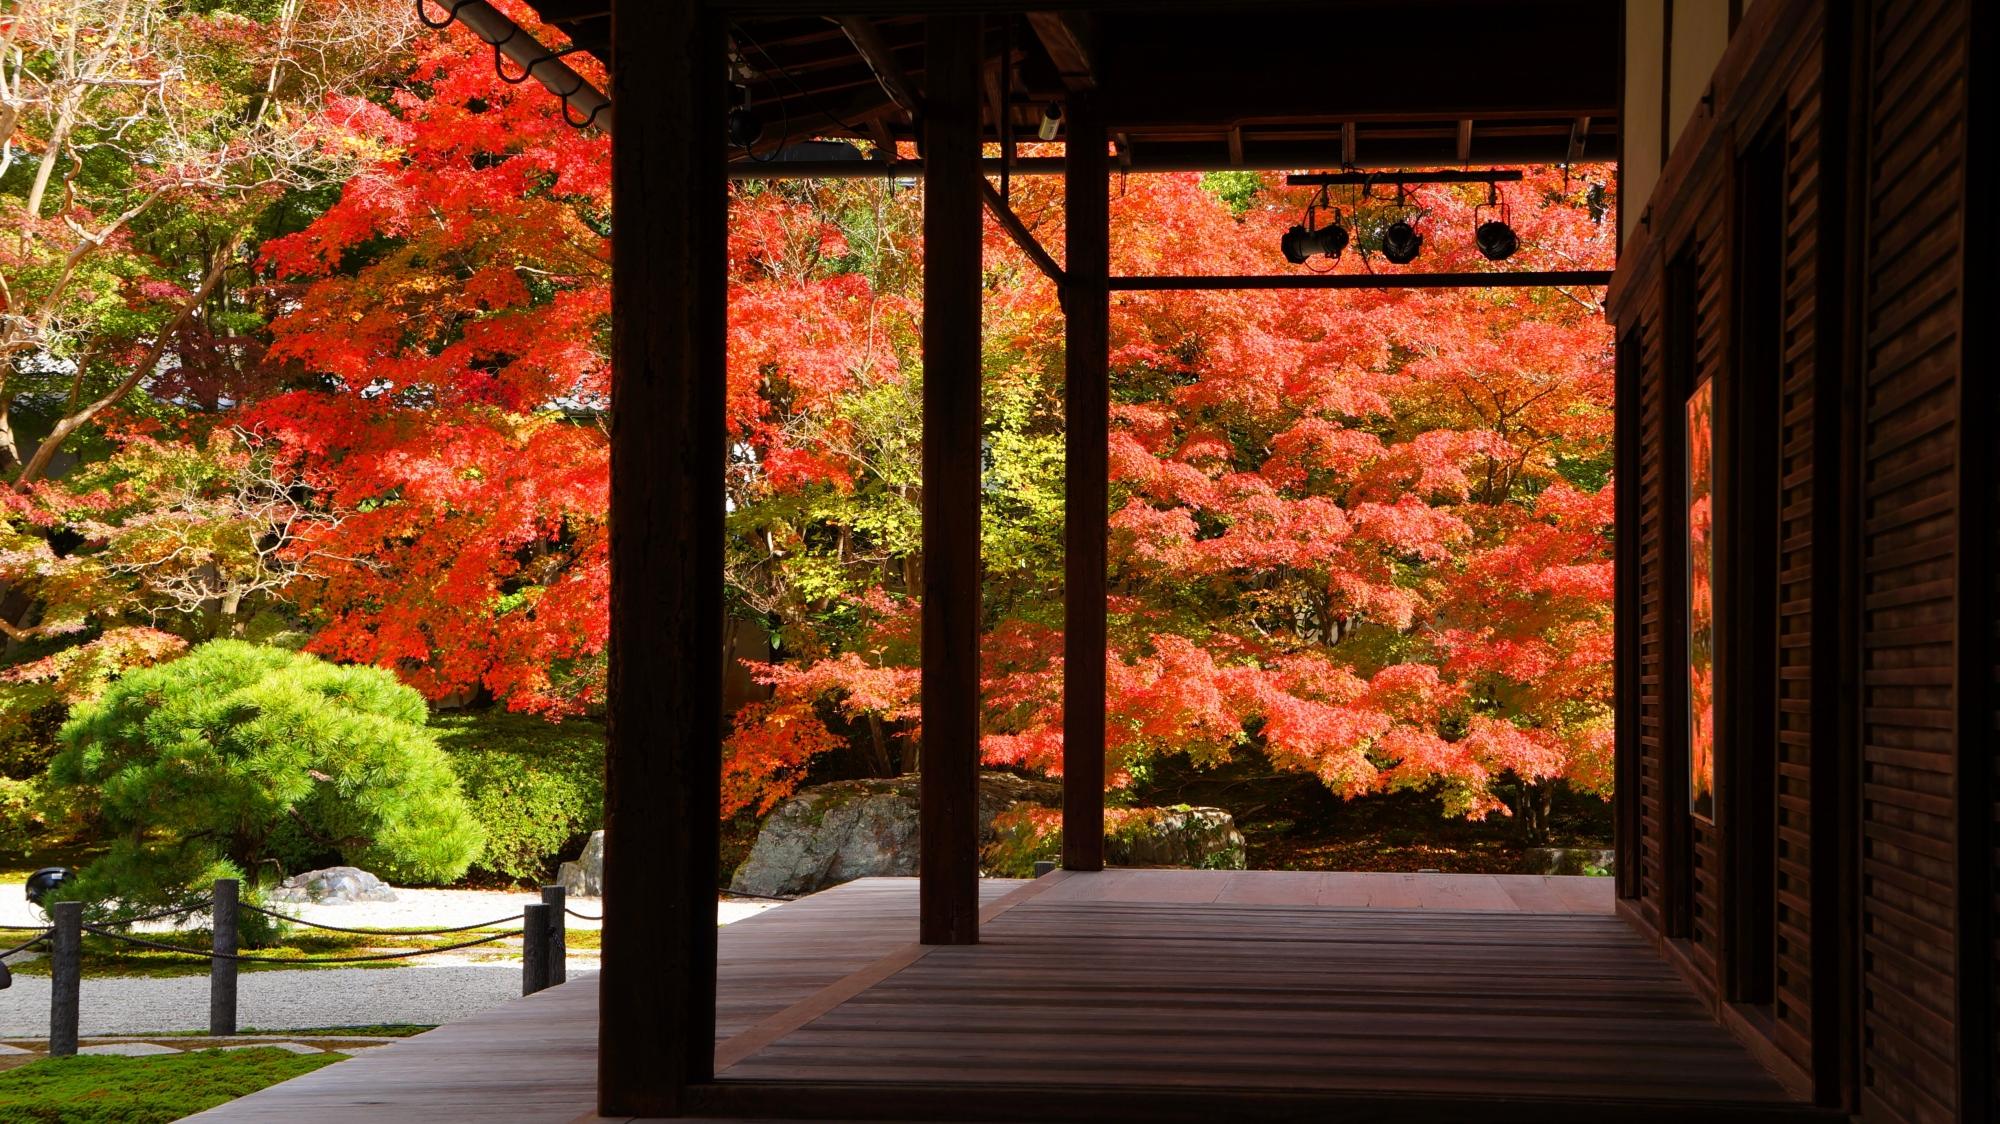 天授庵の本堂の裏手から眺めた庭園の溢れる紅葉